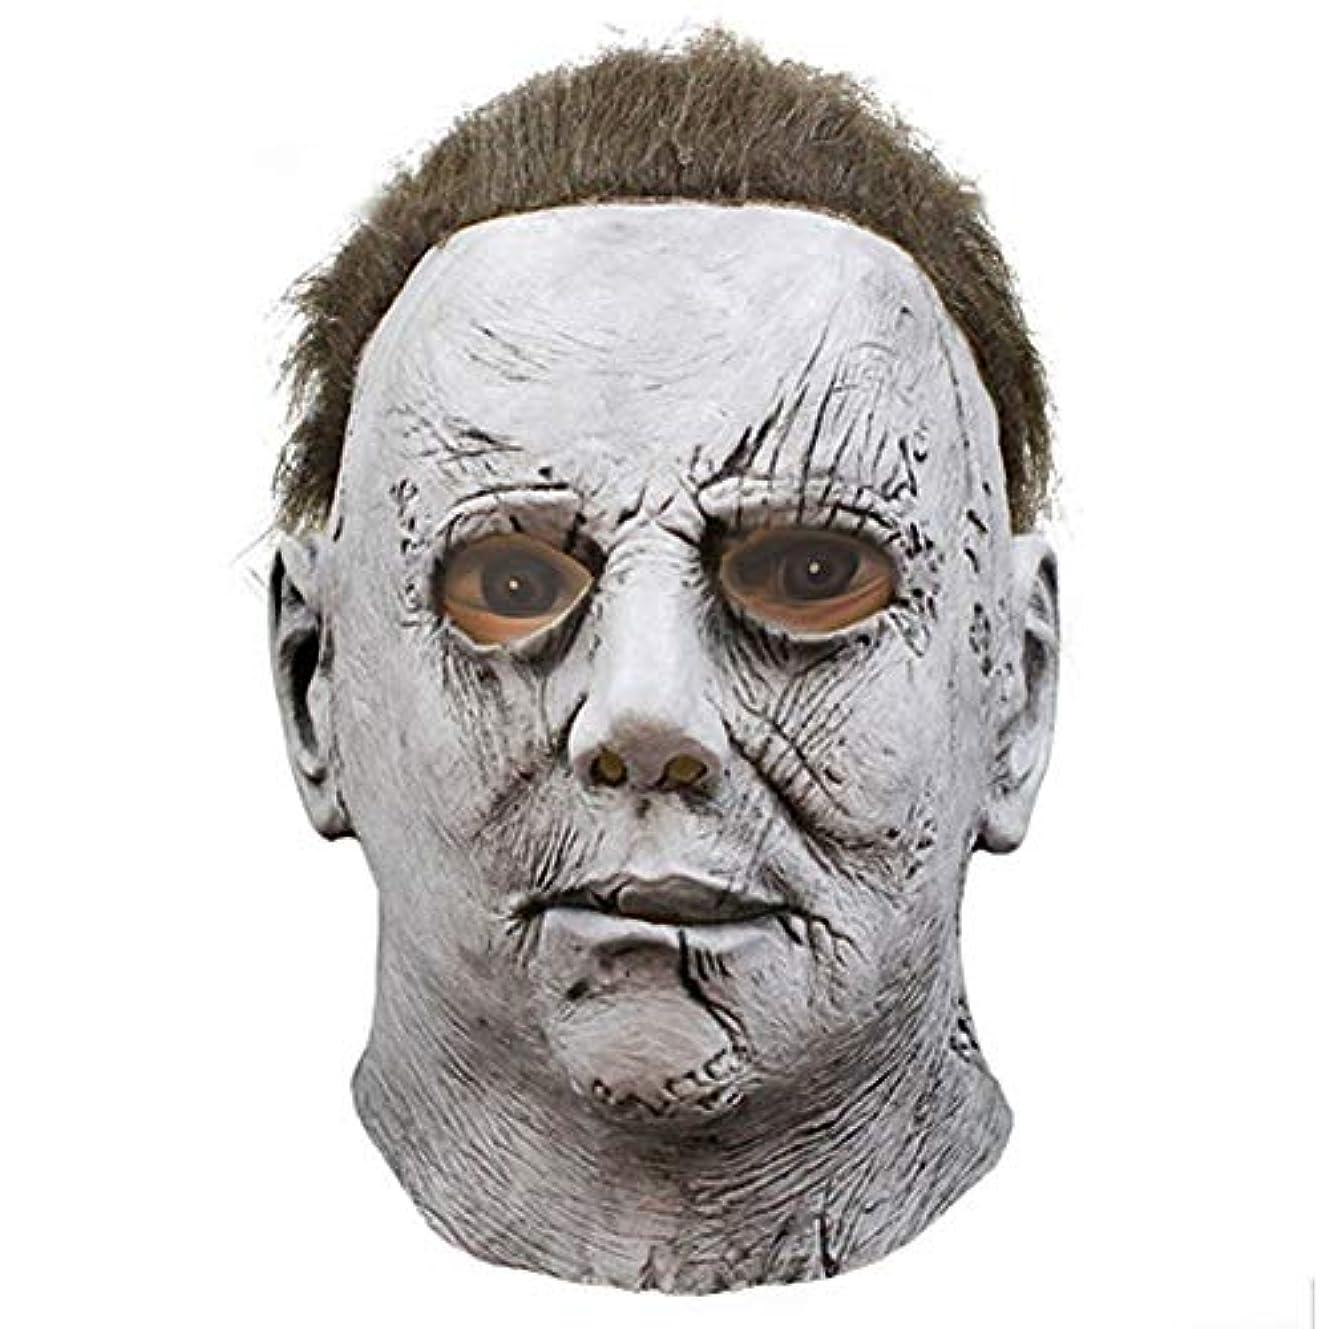 農学ミトン混沌ハロウィーンマスク、顔をしかめるラテックスマスク、ハロウィーン、テーマパーティー、カーニバル、レイブパーティー、バー、小道具、映画。